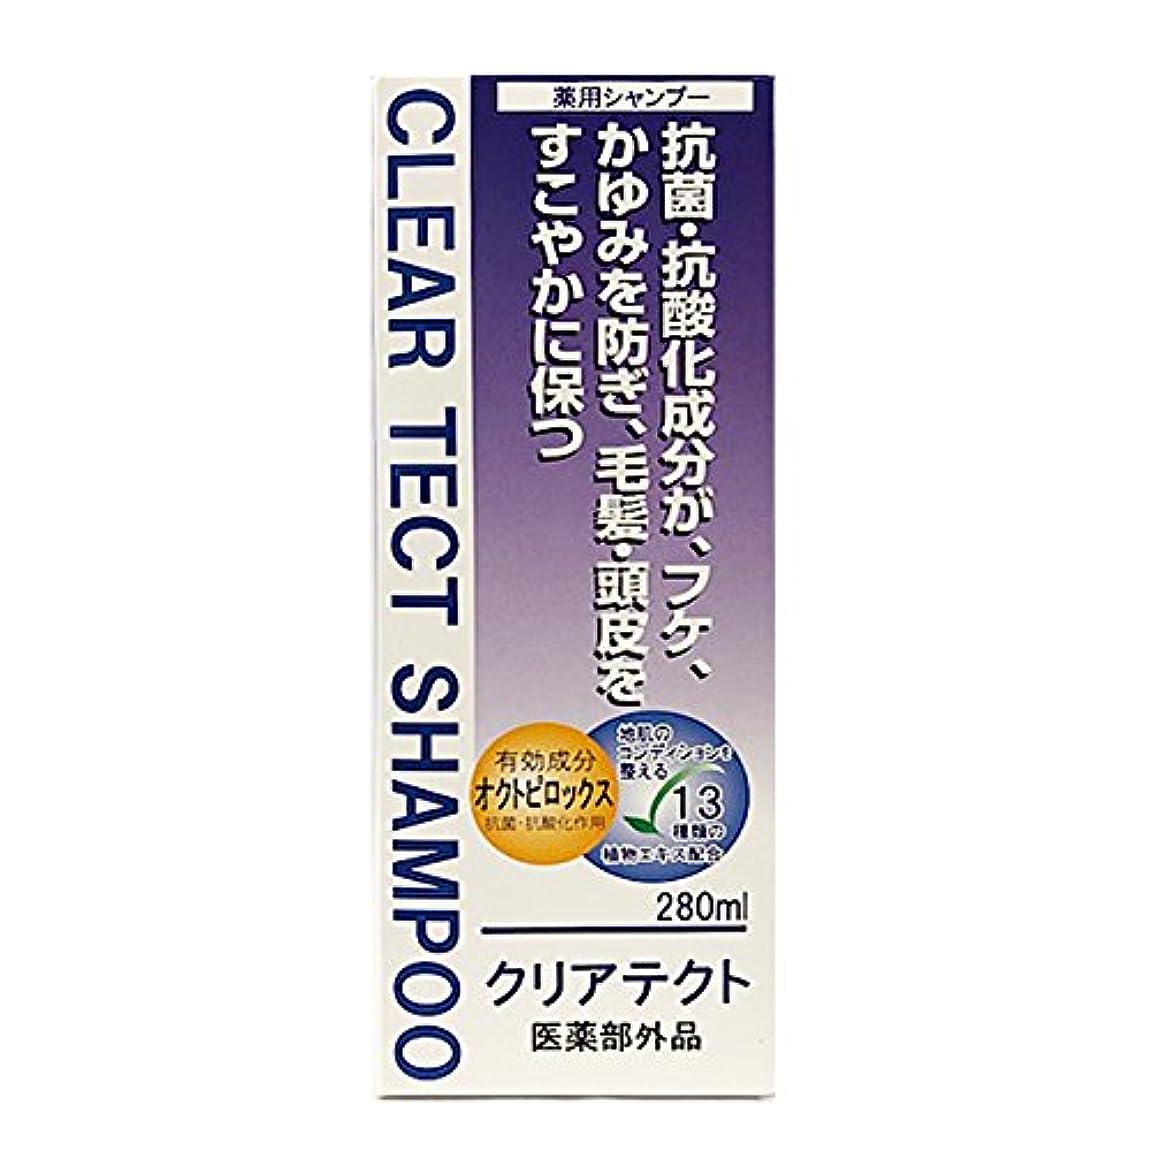 スマートテクニカルアトム【医薬部外品】クリアテクト薬用シャンプーa 280ml